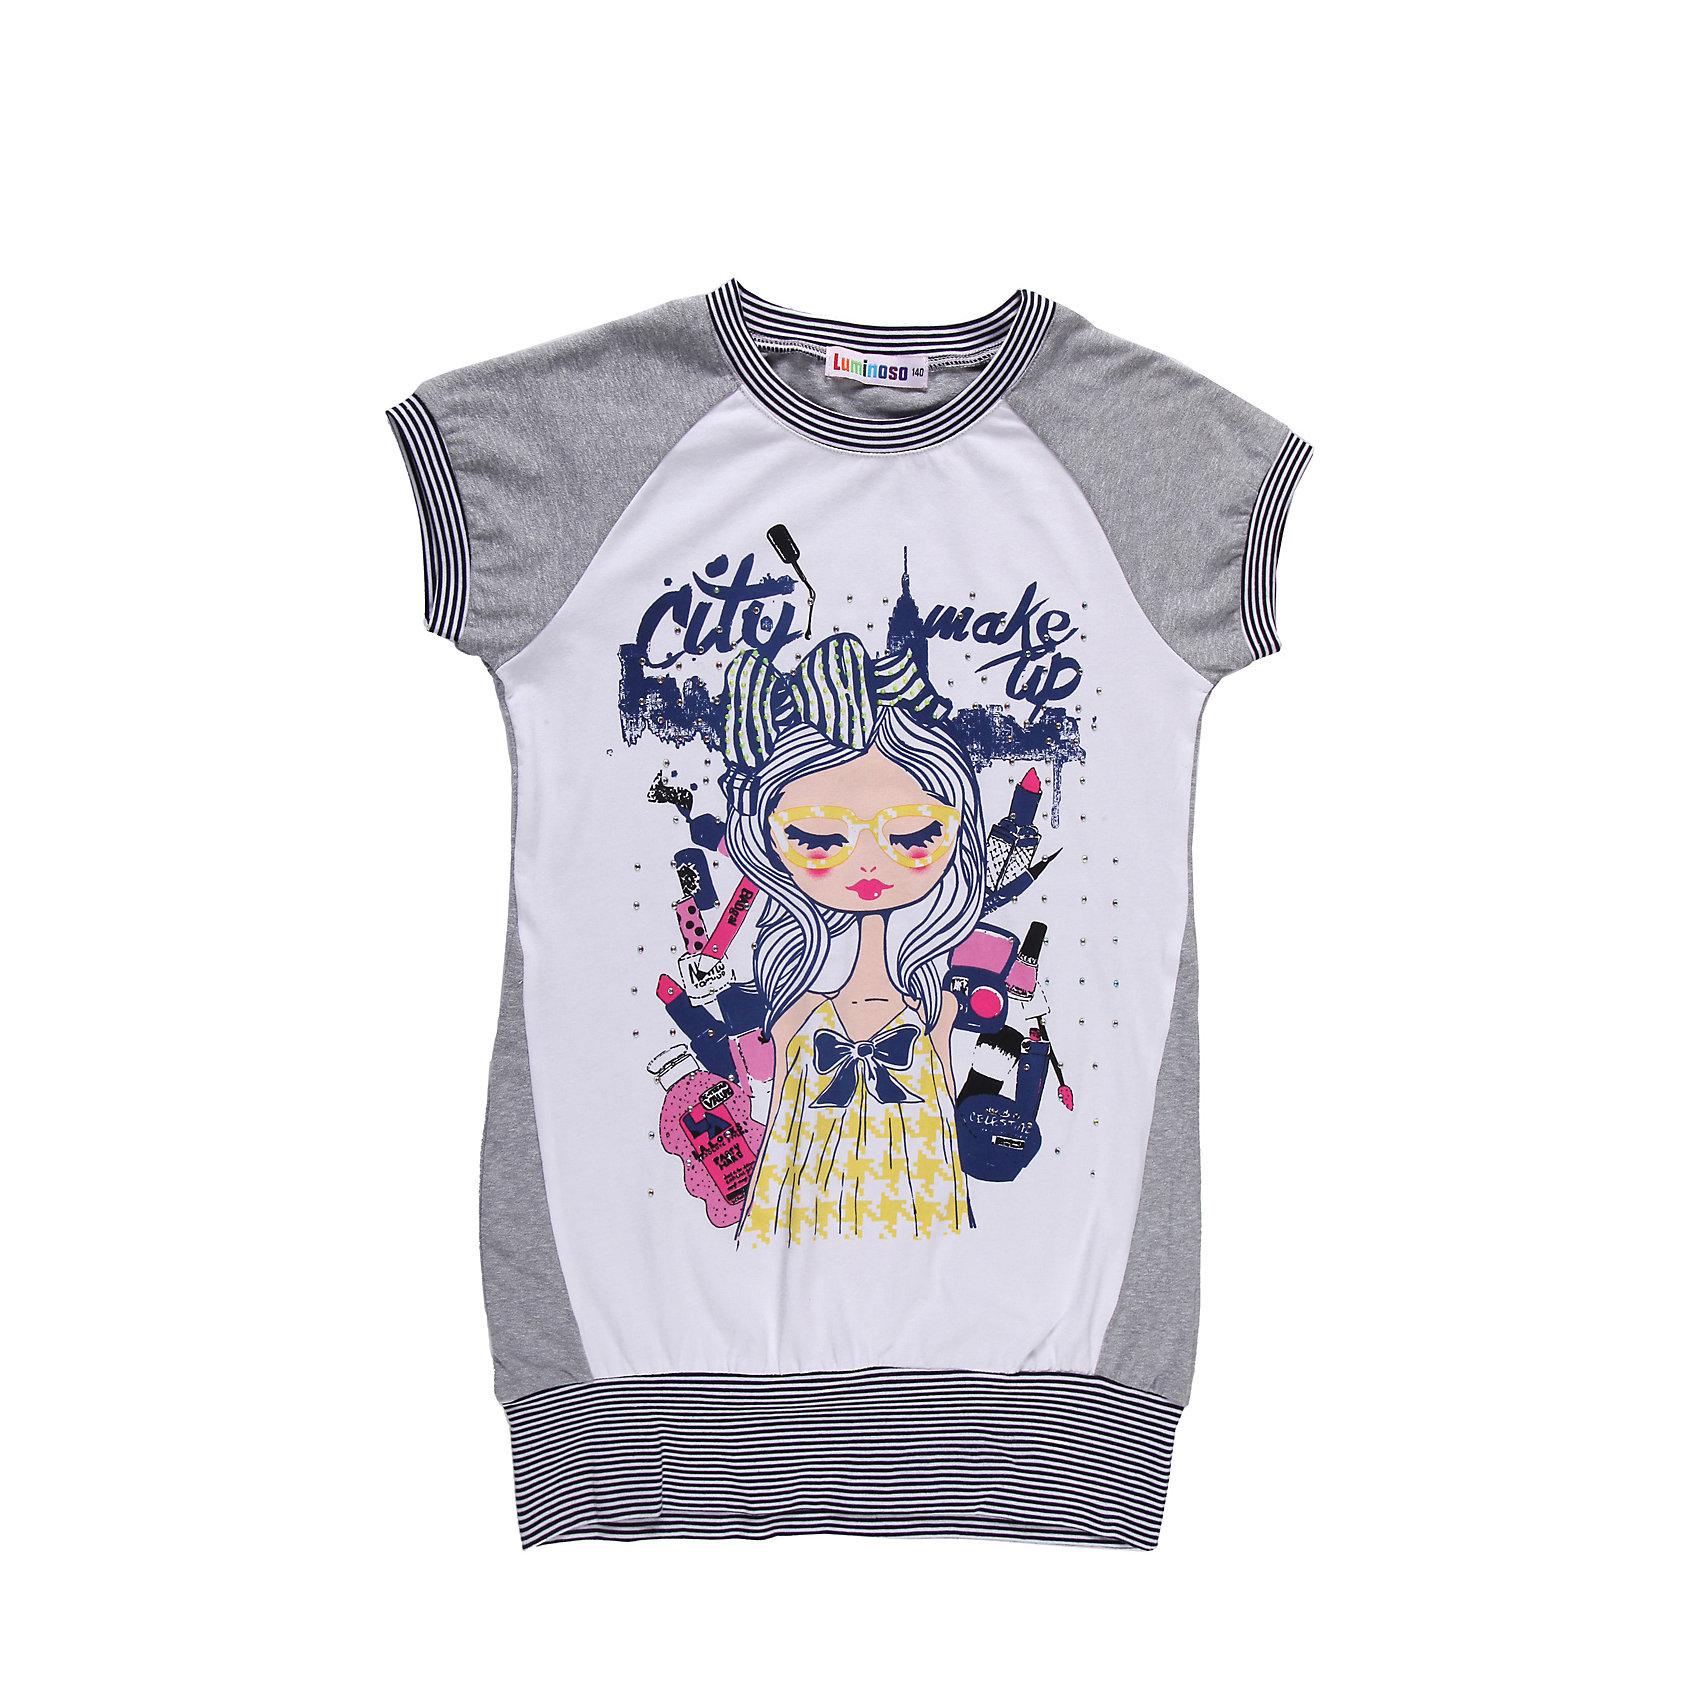 Футболка для девочки LuminosoФутболки, поло и топы<br>Удлиненная футболка для девочки с принтом и стразами.<br>Состав:<br>95% хлопок, 5% эластан<br><br>Ширина мм: 199<br>Глубина мм: 10<br>Высота мм: 161<br>Вес г: 151<br>Цвет: серый<br>Возраст от месяцев: 120<br>Возраст до месяцев: 132<br>Пол: Женский<br>Возраст: Детский<br>Размер: 146,158,134,152,164,140<br>SKU: 4521856